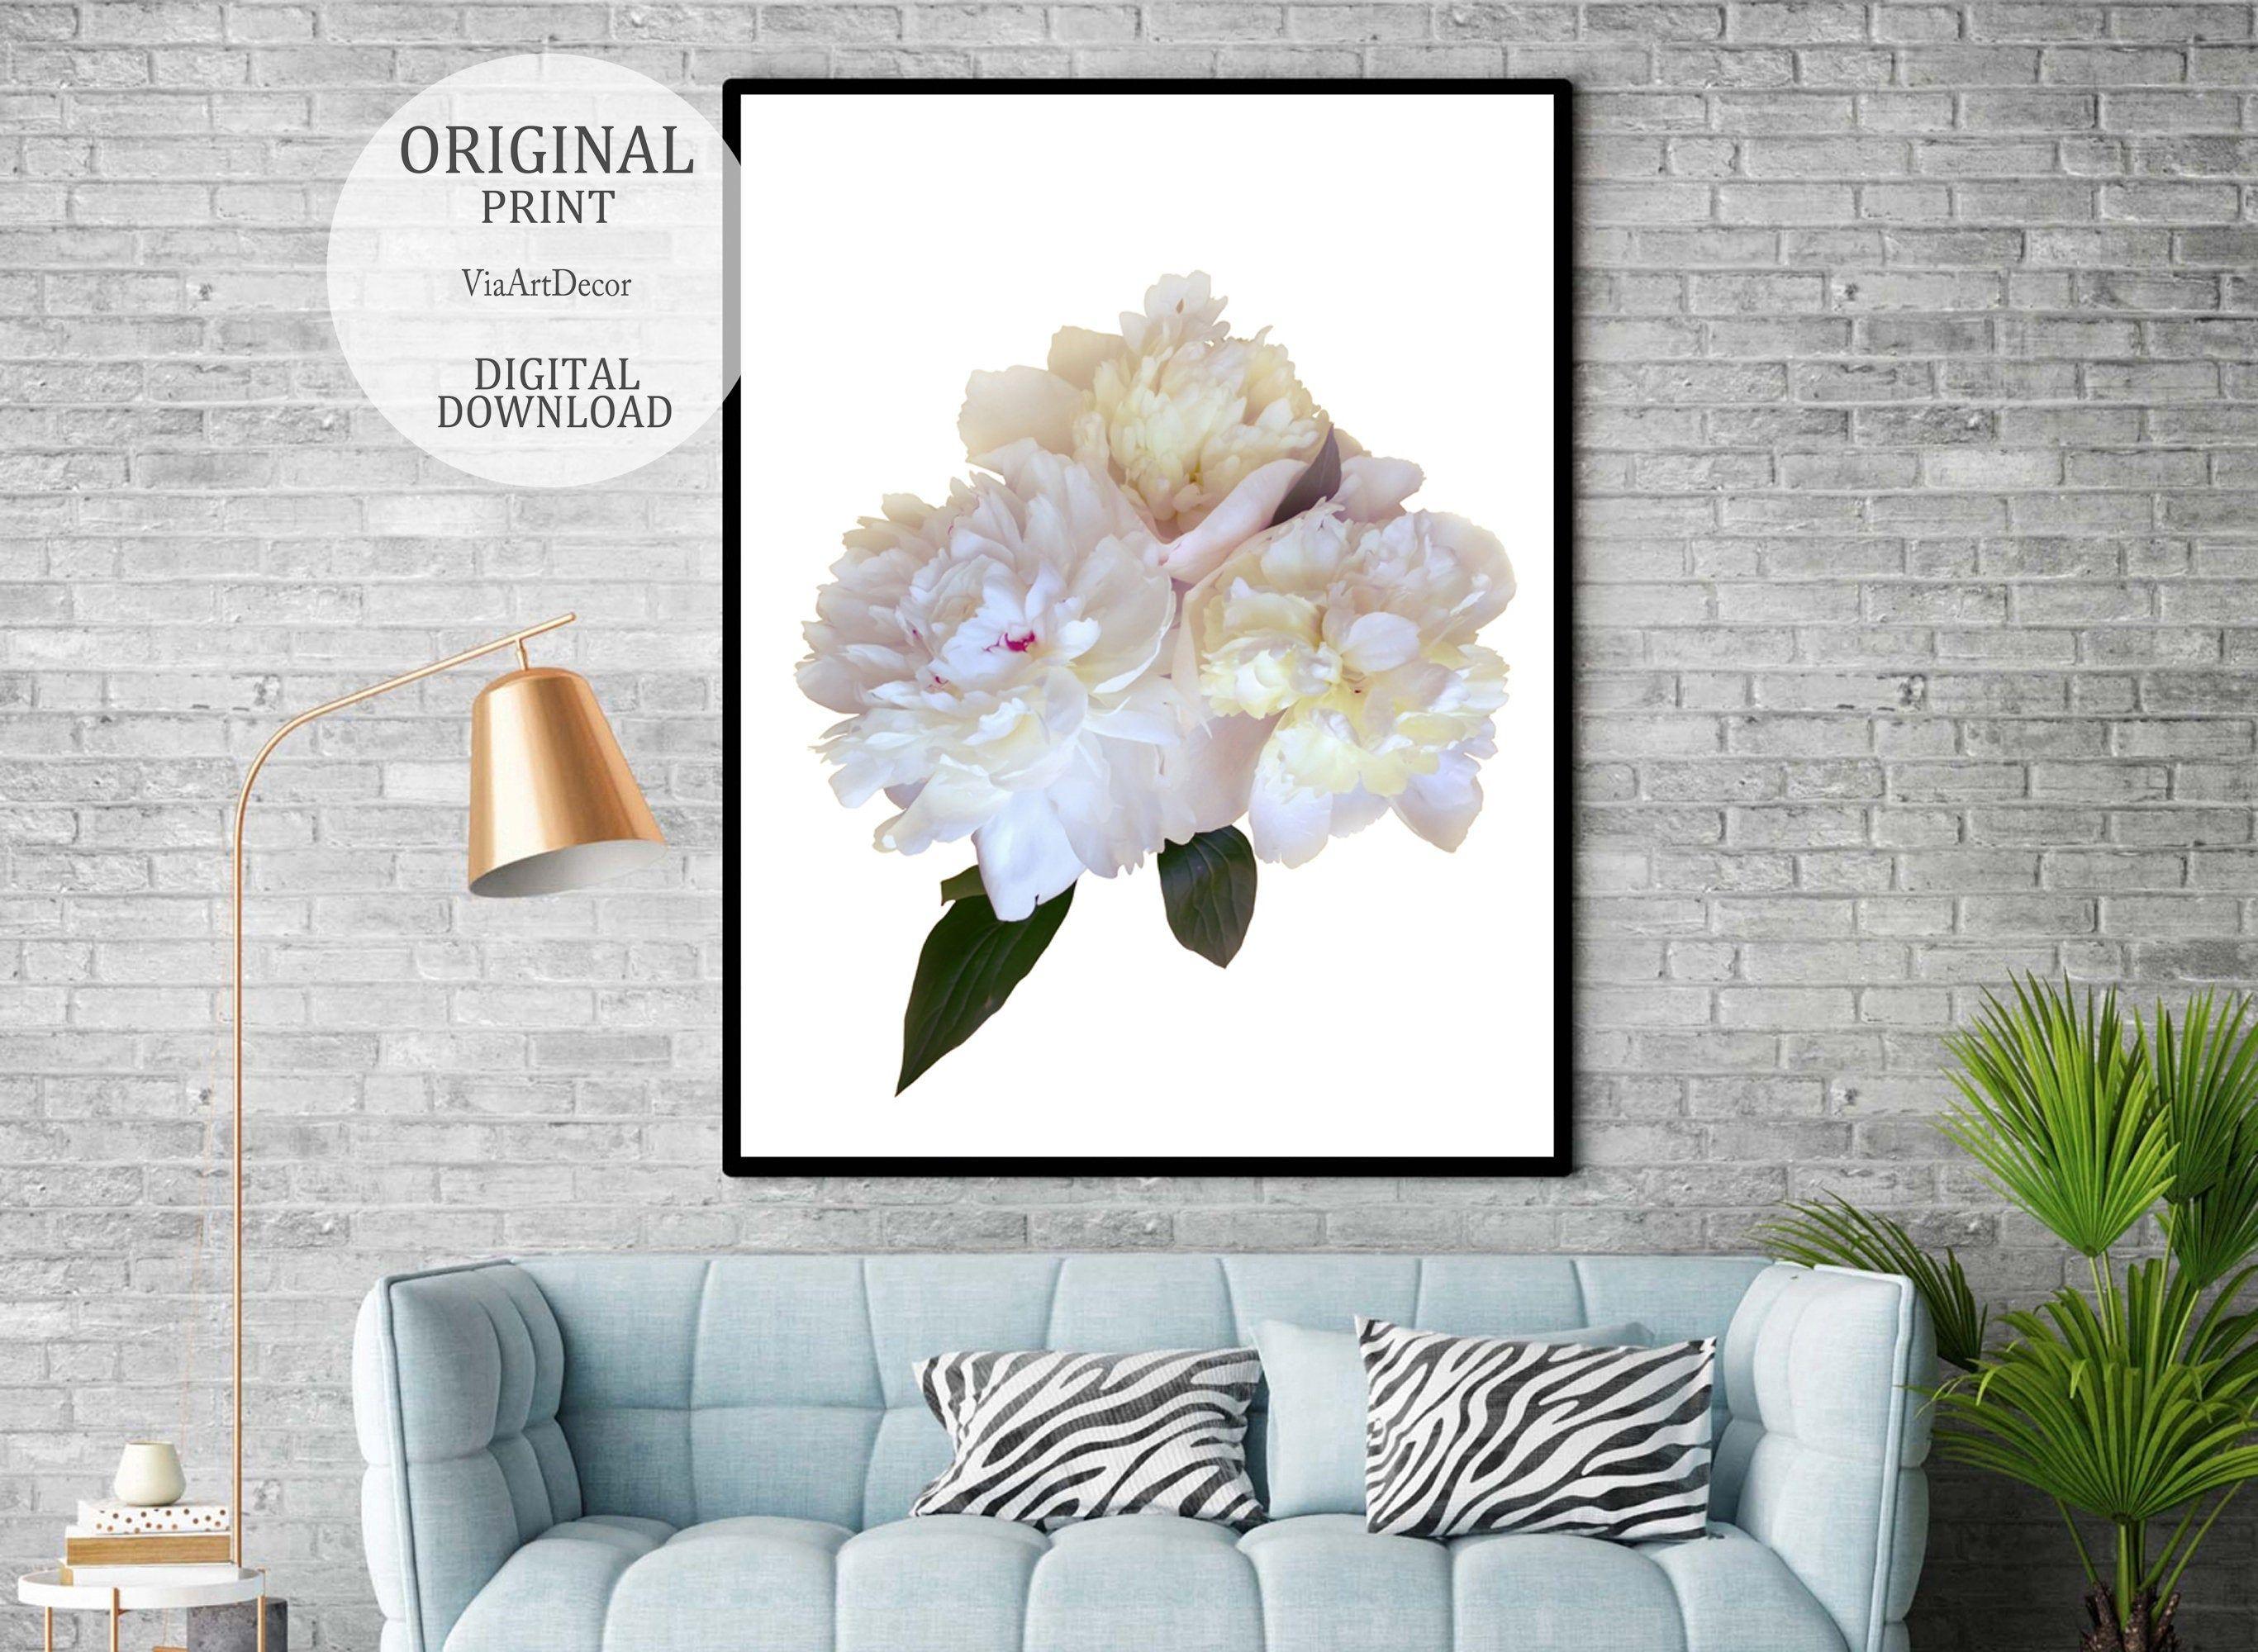 Peony Art Print Floral Wall Decor Printable Pastel Flower Etsy Wall Decor Printables Floral Wall Decor Peonies Art Print